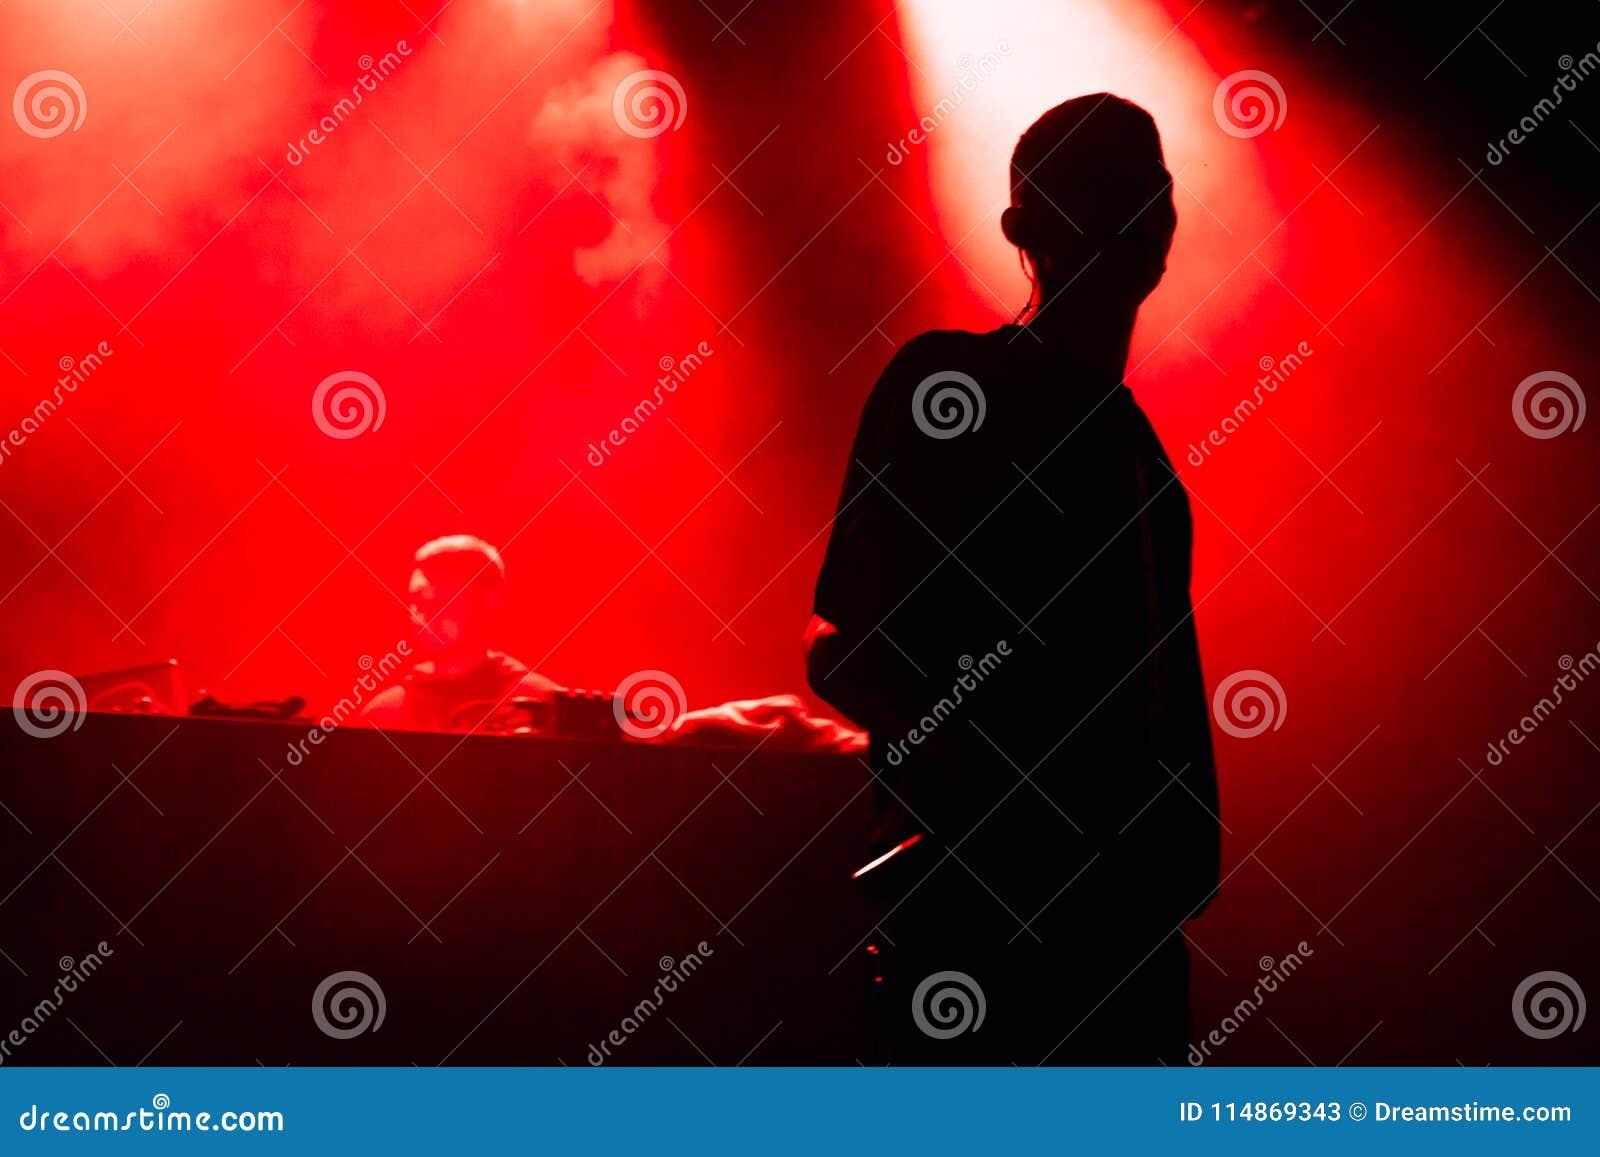 Τραγουδιστής και καλλιτέχνης στο στάδιο στο κόκκινο φως